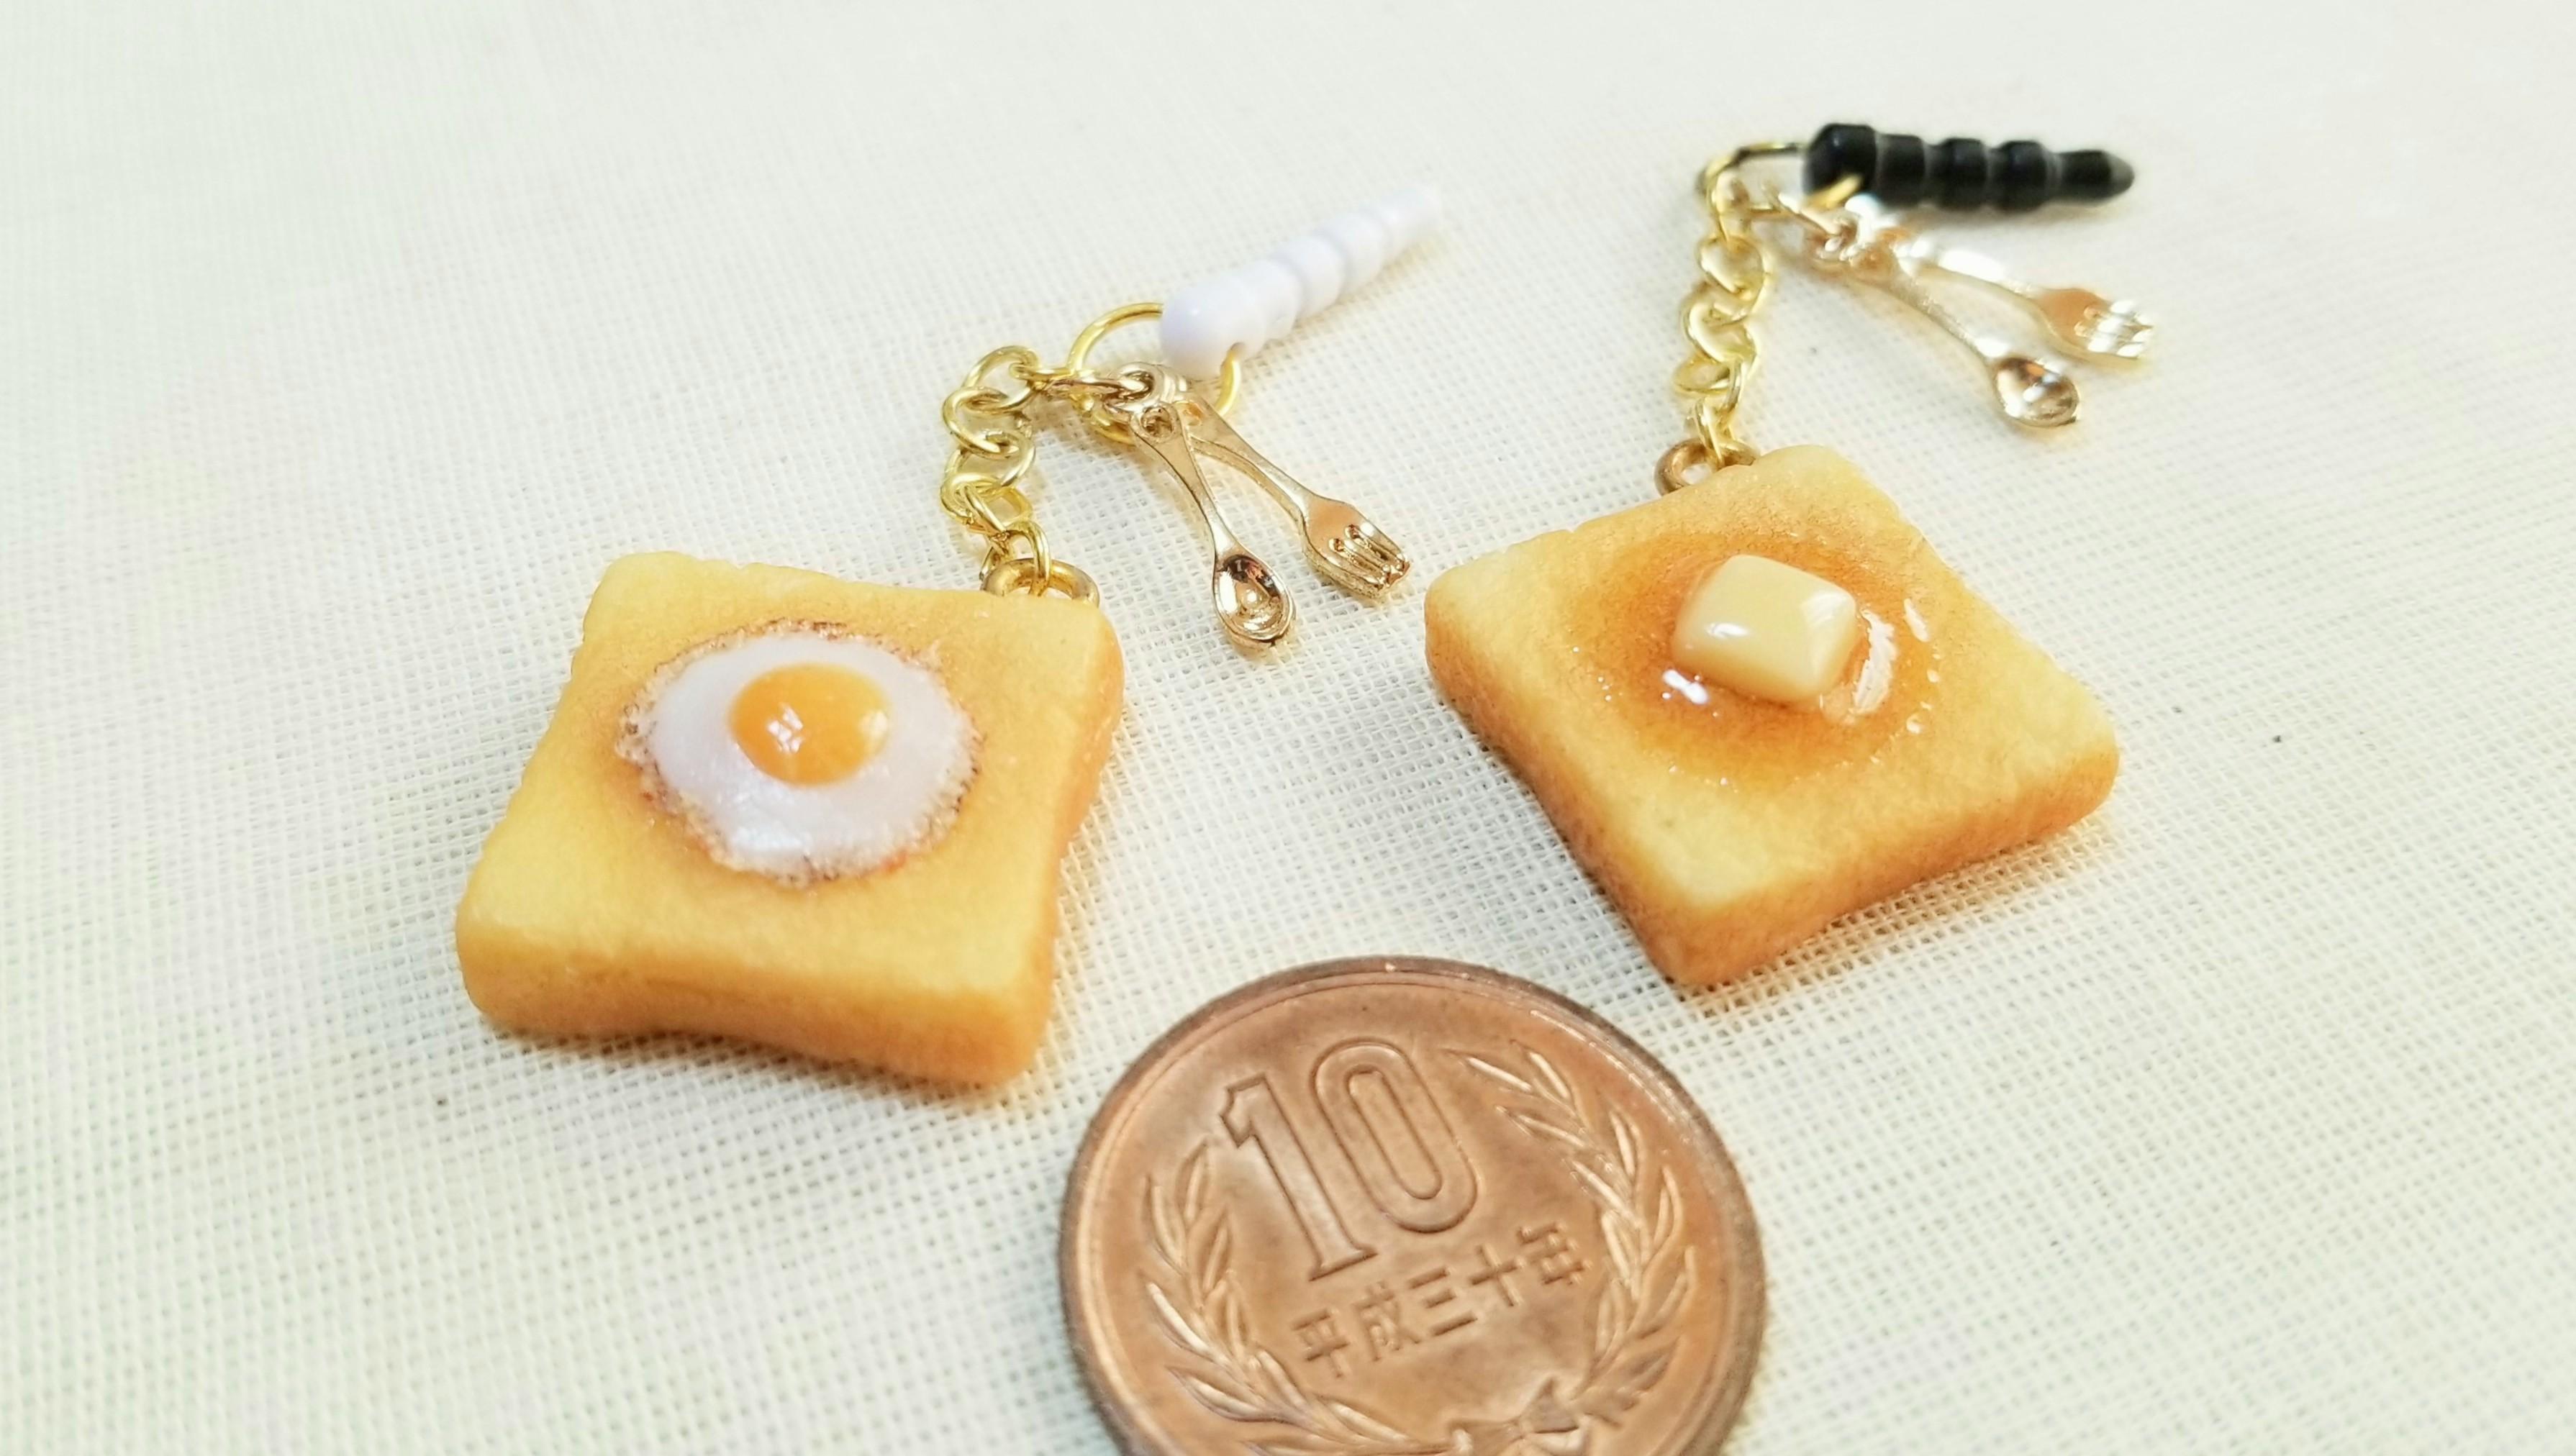 ハンドメイドアクセサリーパン小物携帯イヤホンジャックおすすめ人気